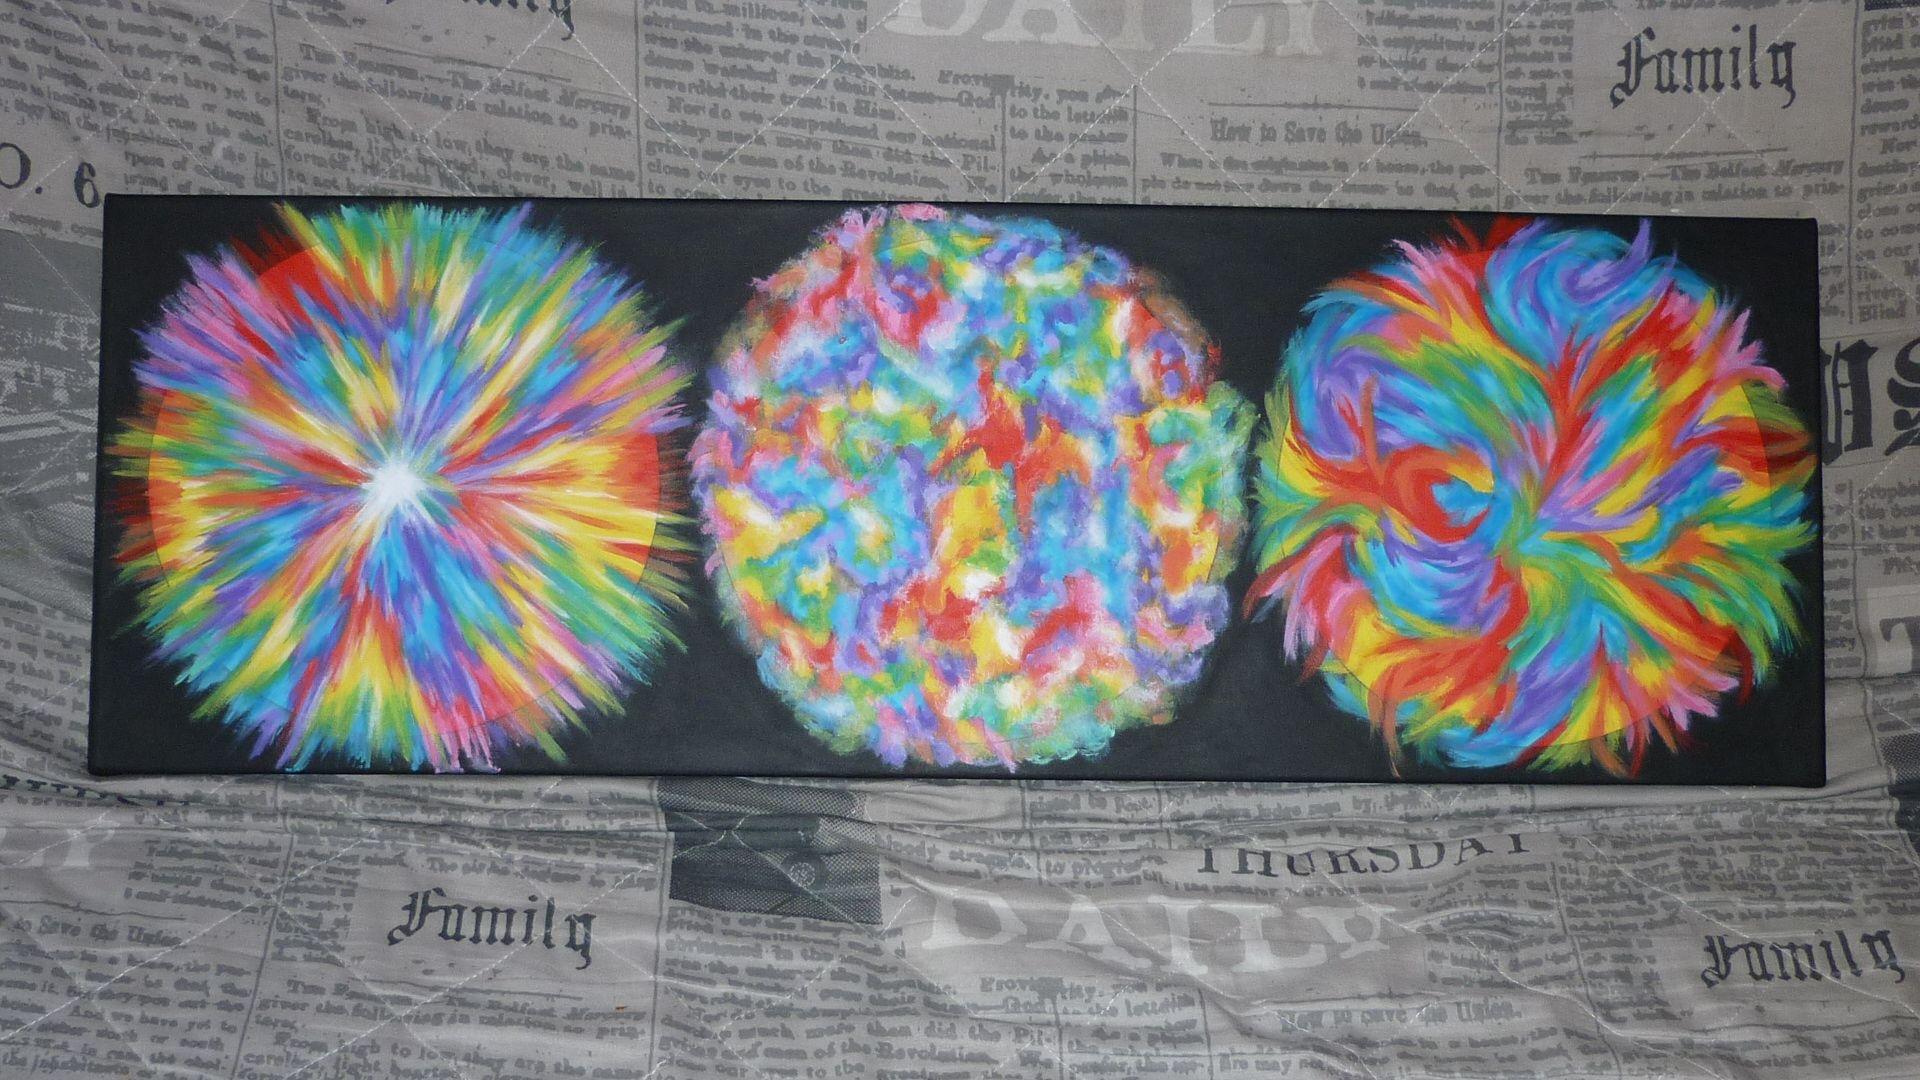 de gauche à droite: 1:hypernovaé. 2:supernovaé. 3:notre soleil,vue en infrarouge et au rayon X